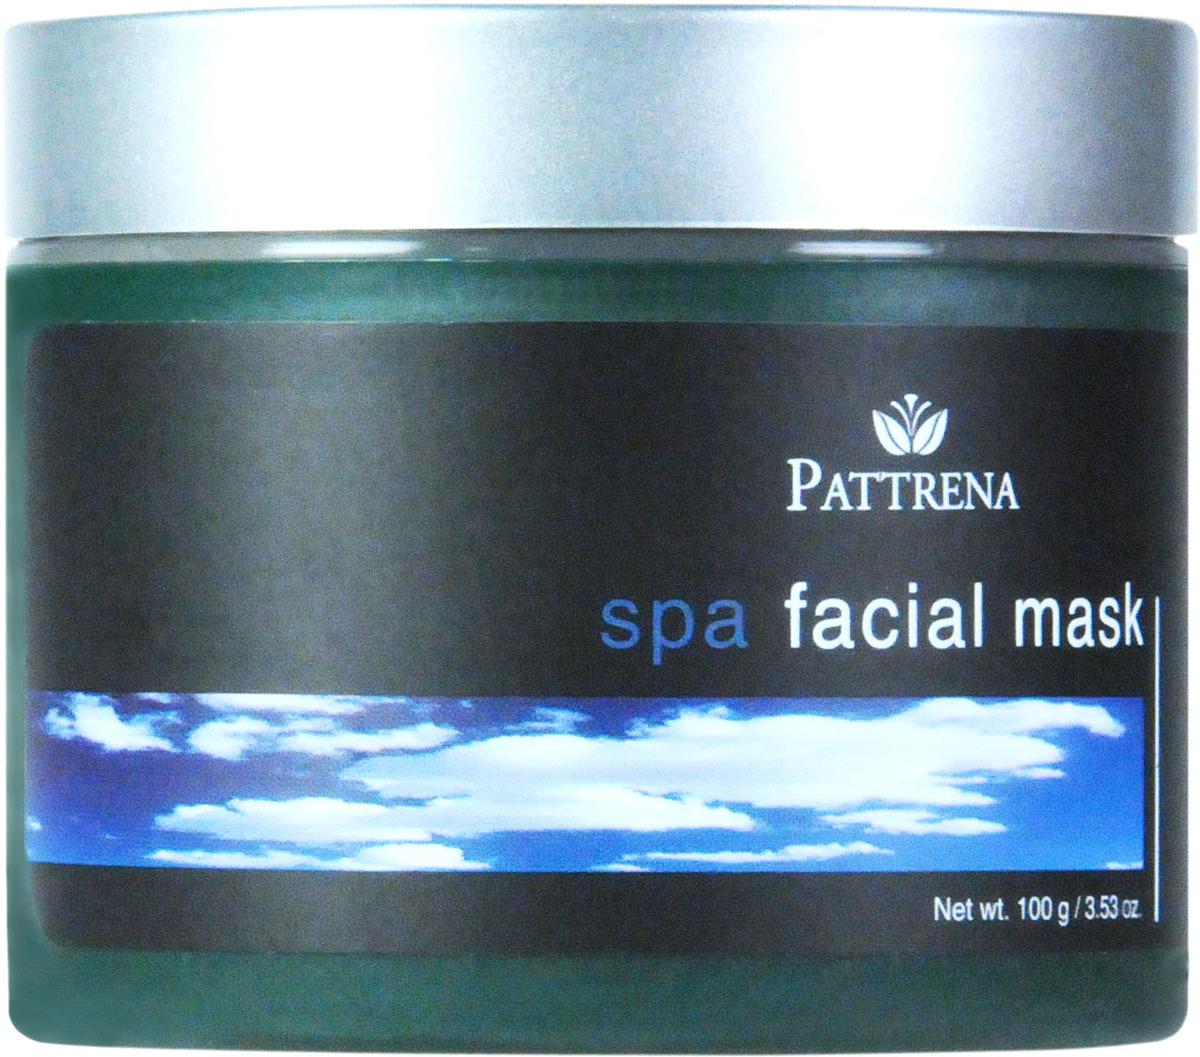 Pattrena Маска для лица Паттрена Спа, 100 г pattrena ароматный крем для тела роза 250 г